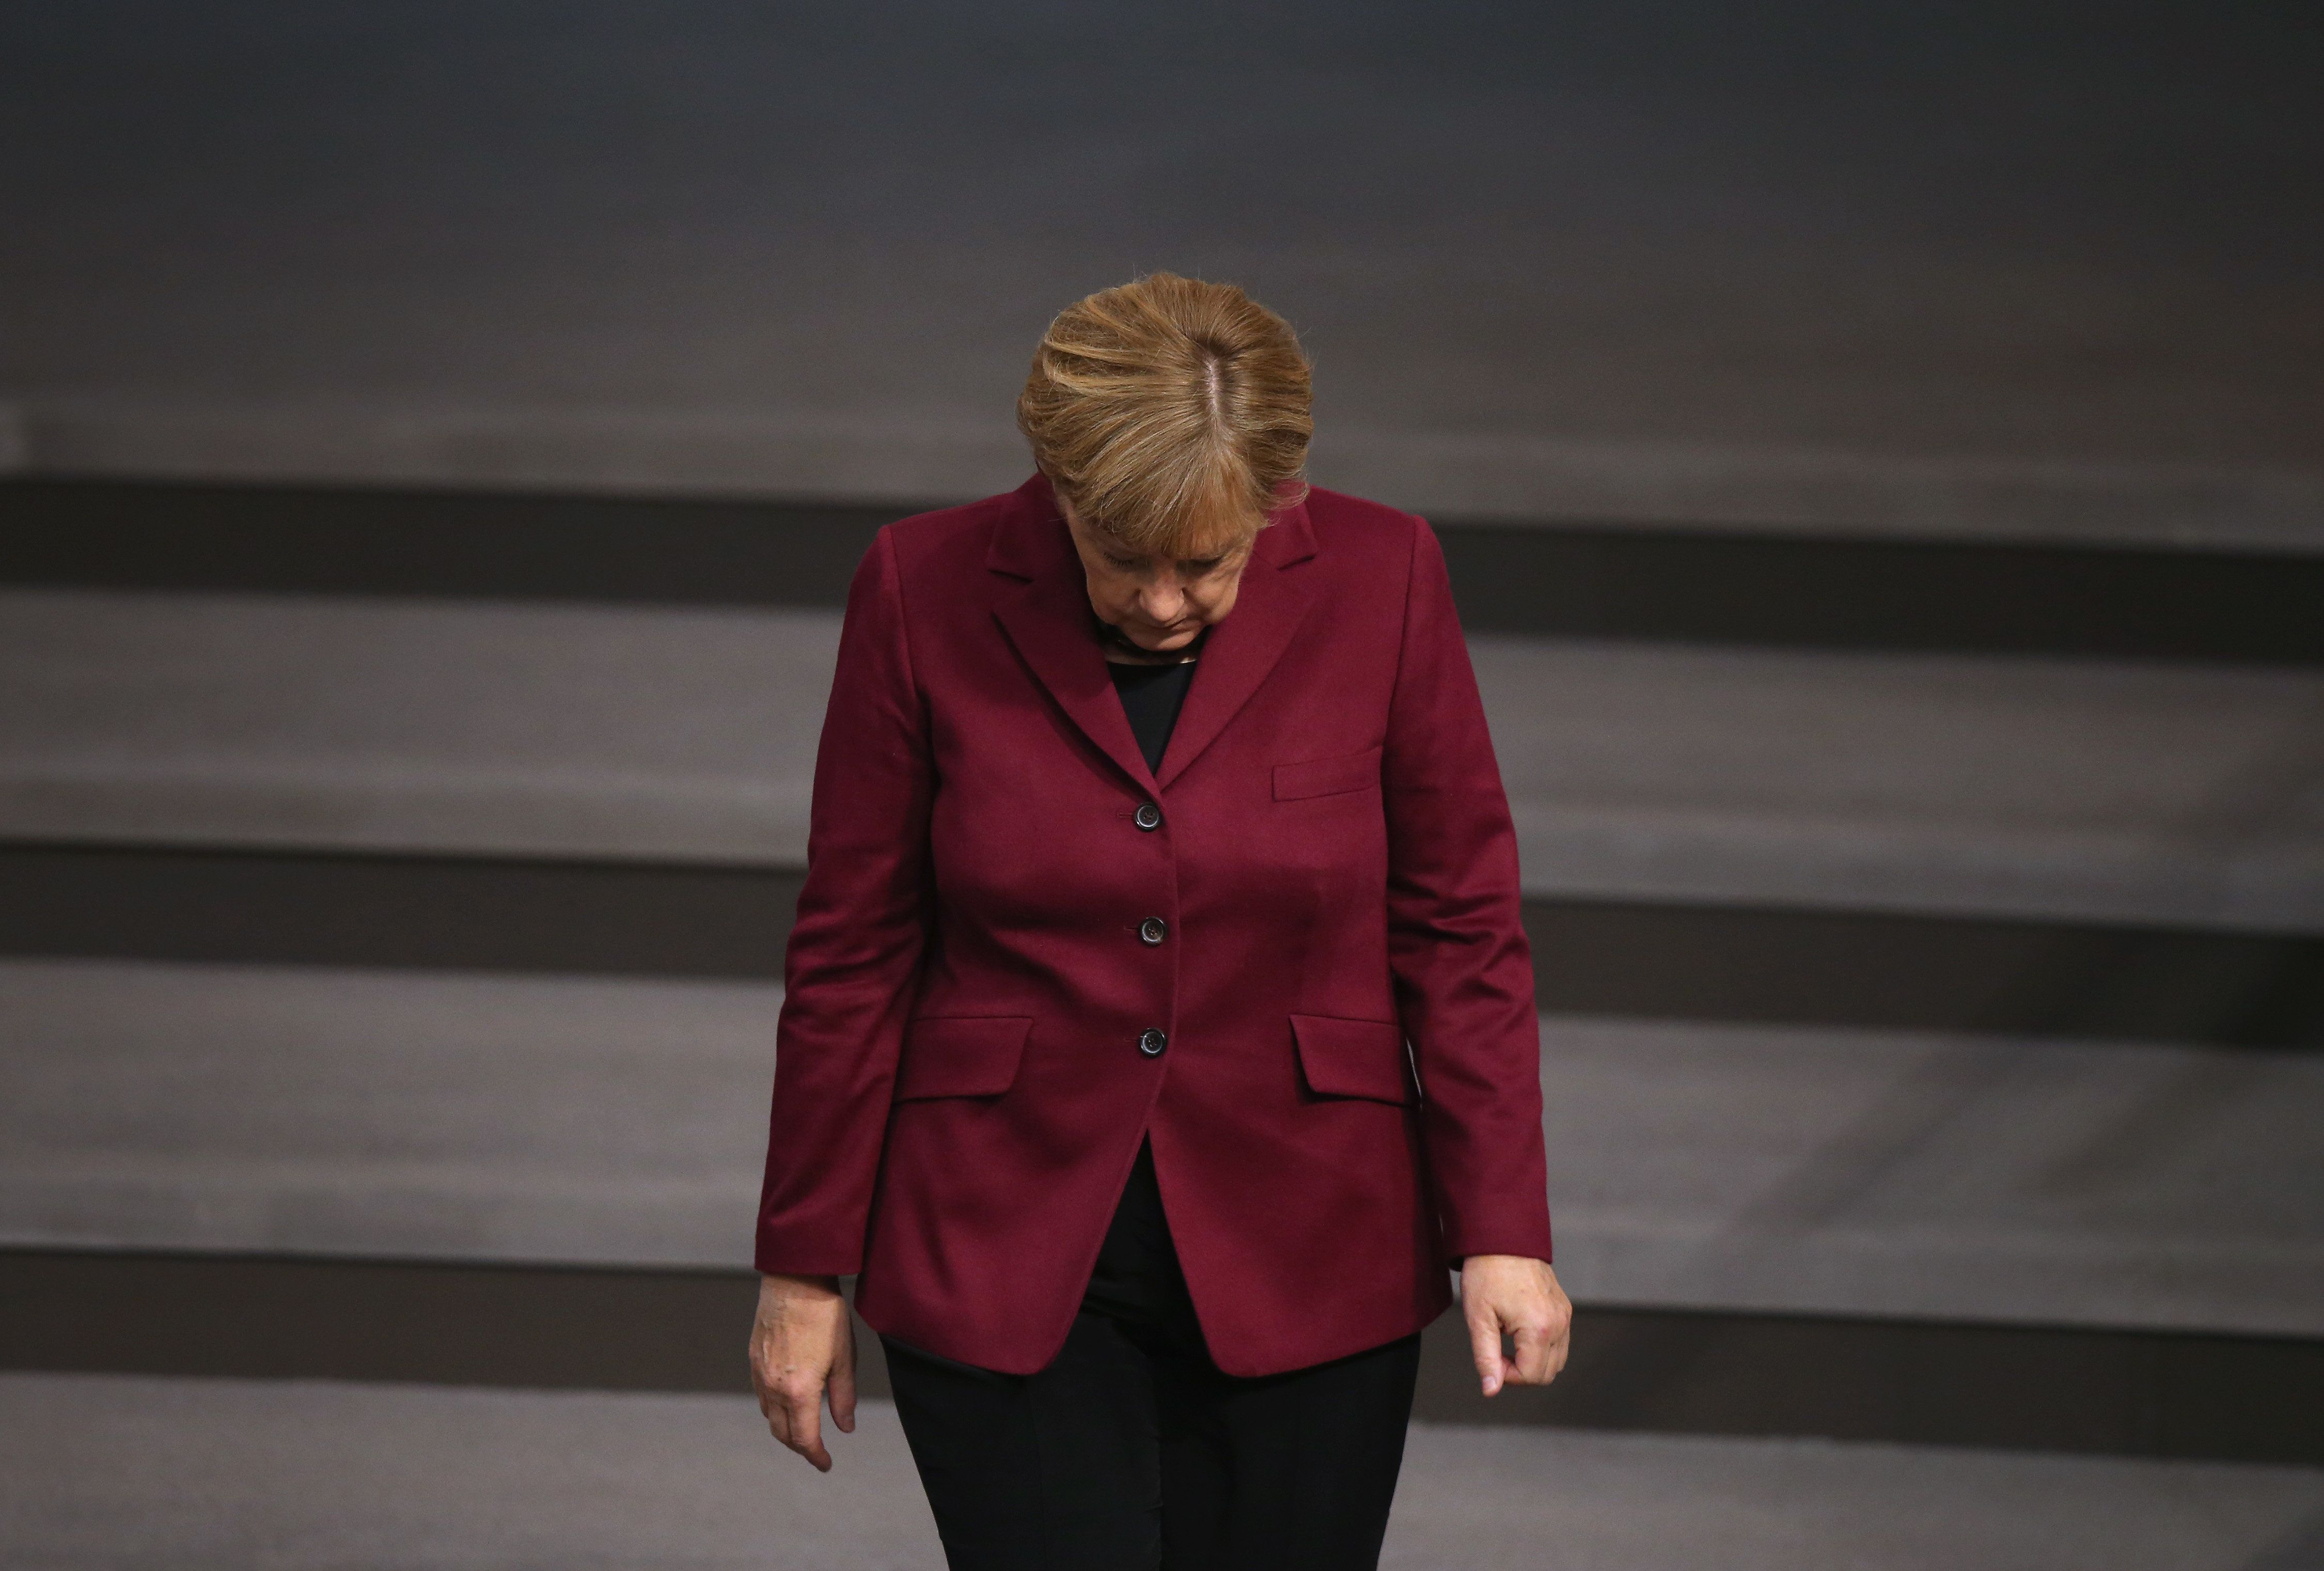 HuffPost-These: Wenn Merkel weg ist, wird gar nichts